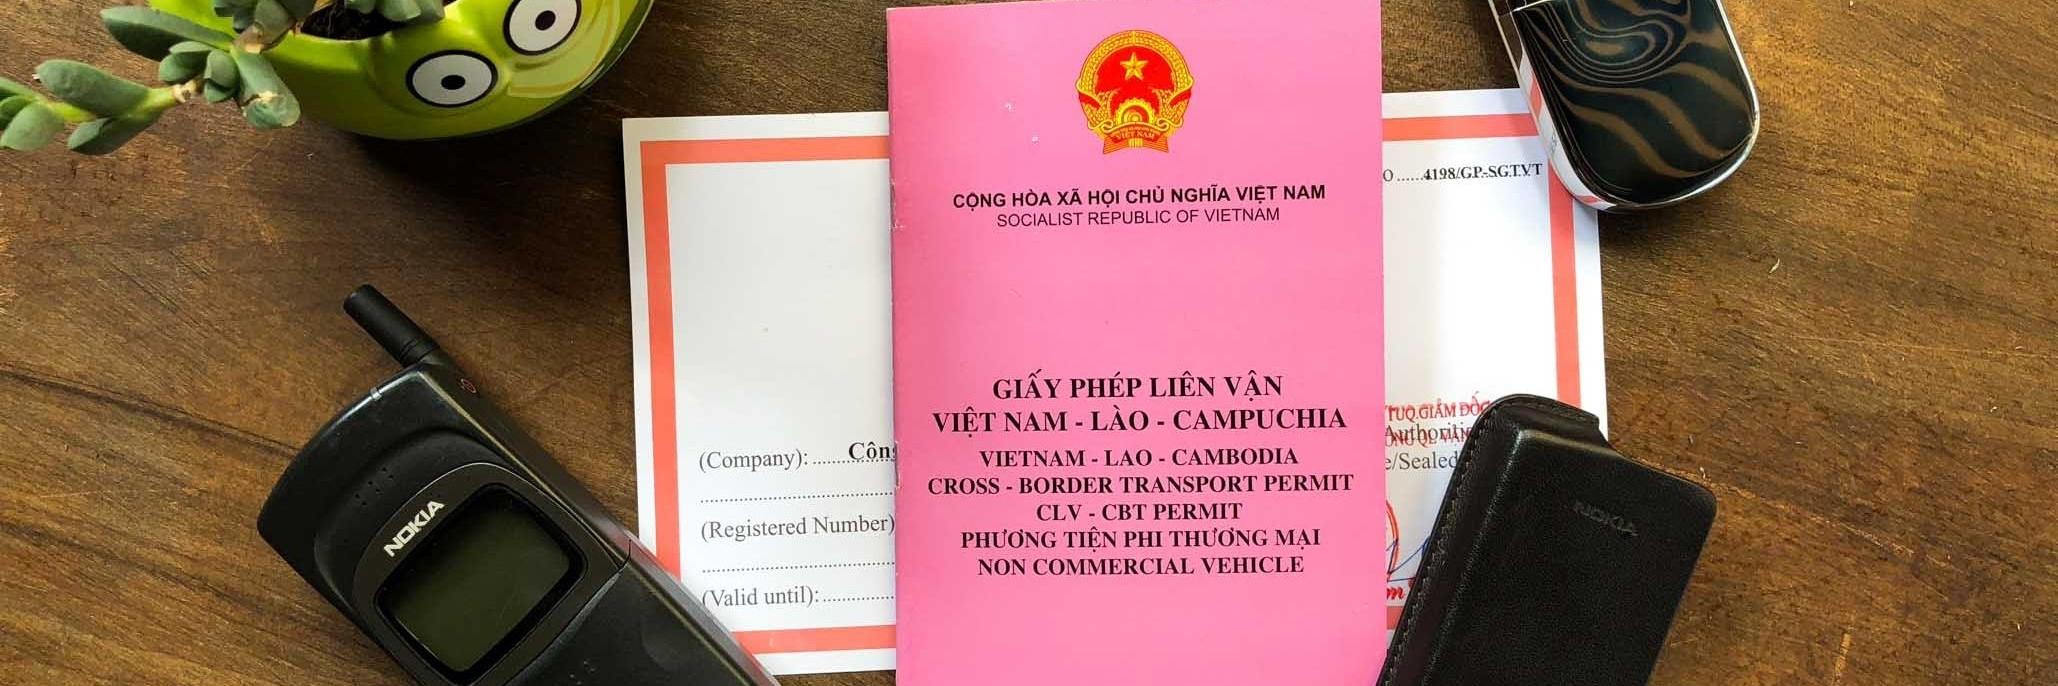 https://gody.vn/blog/thuy_do_3f/post/huong-dan-thu-tuc-xin-giay-phep-lien-van-viet-nam-lao-campuchia-4690